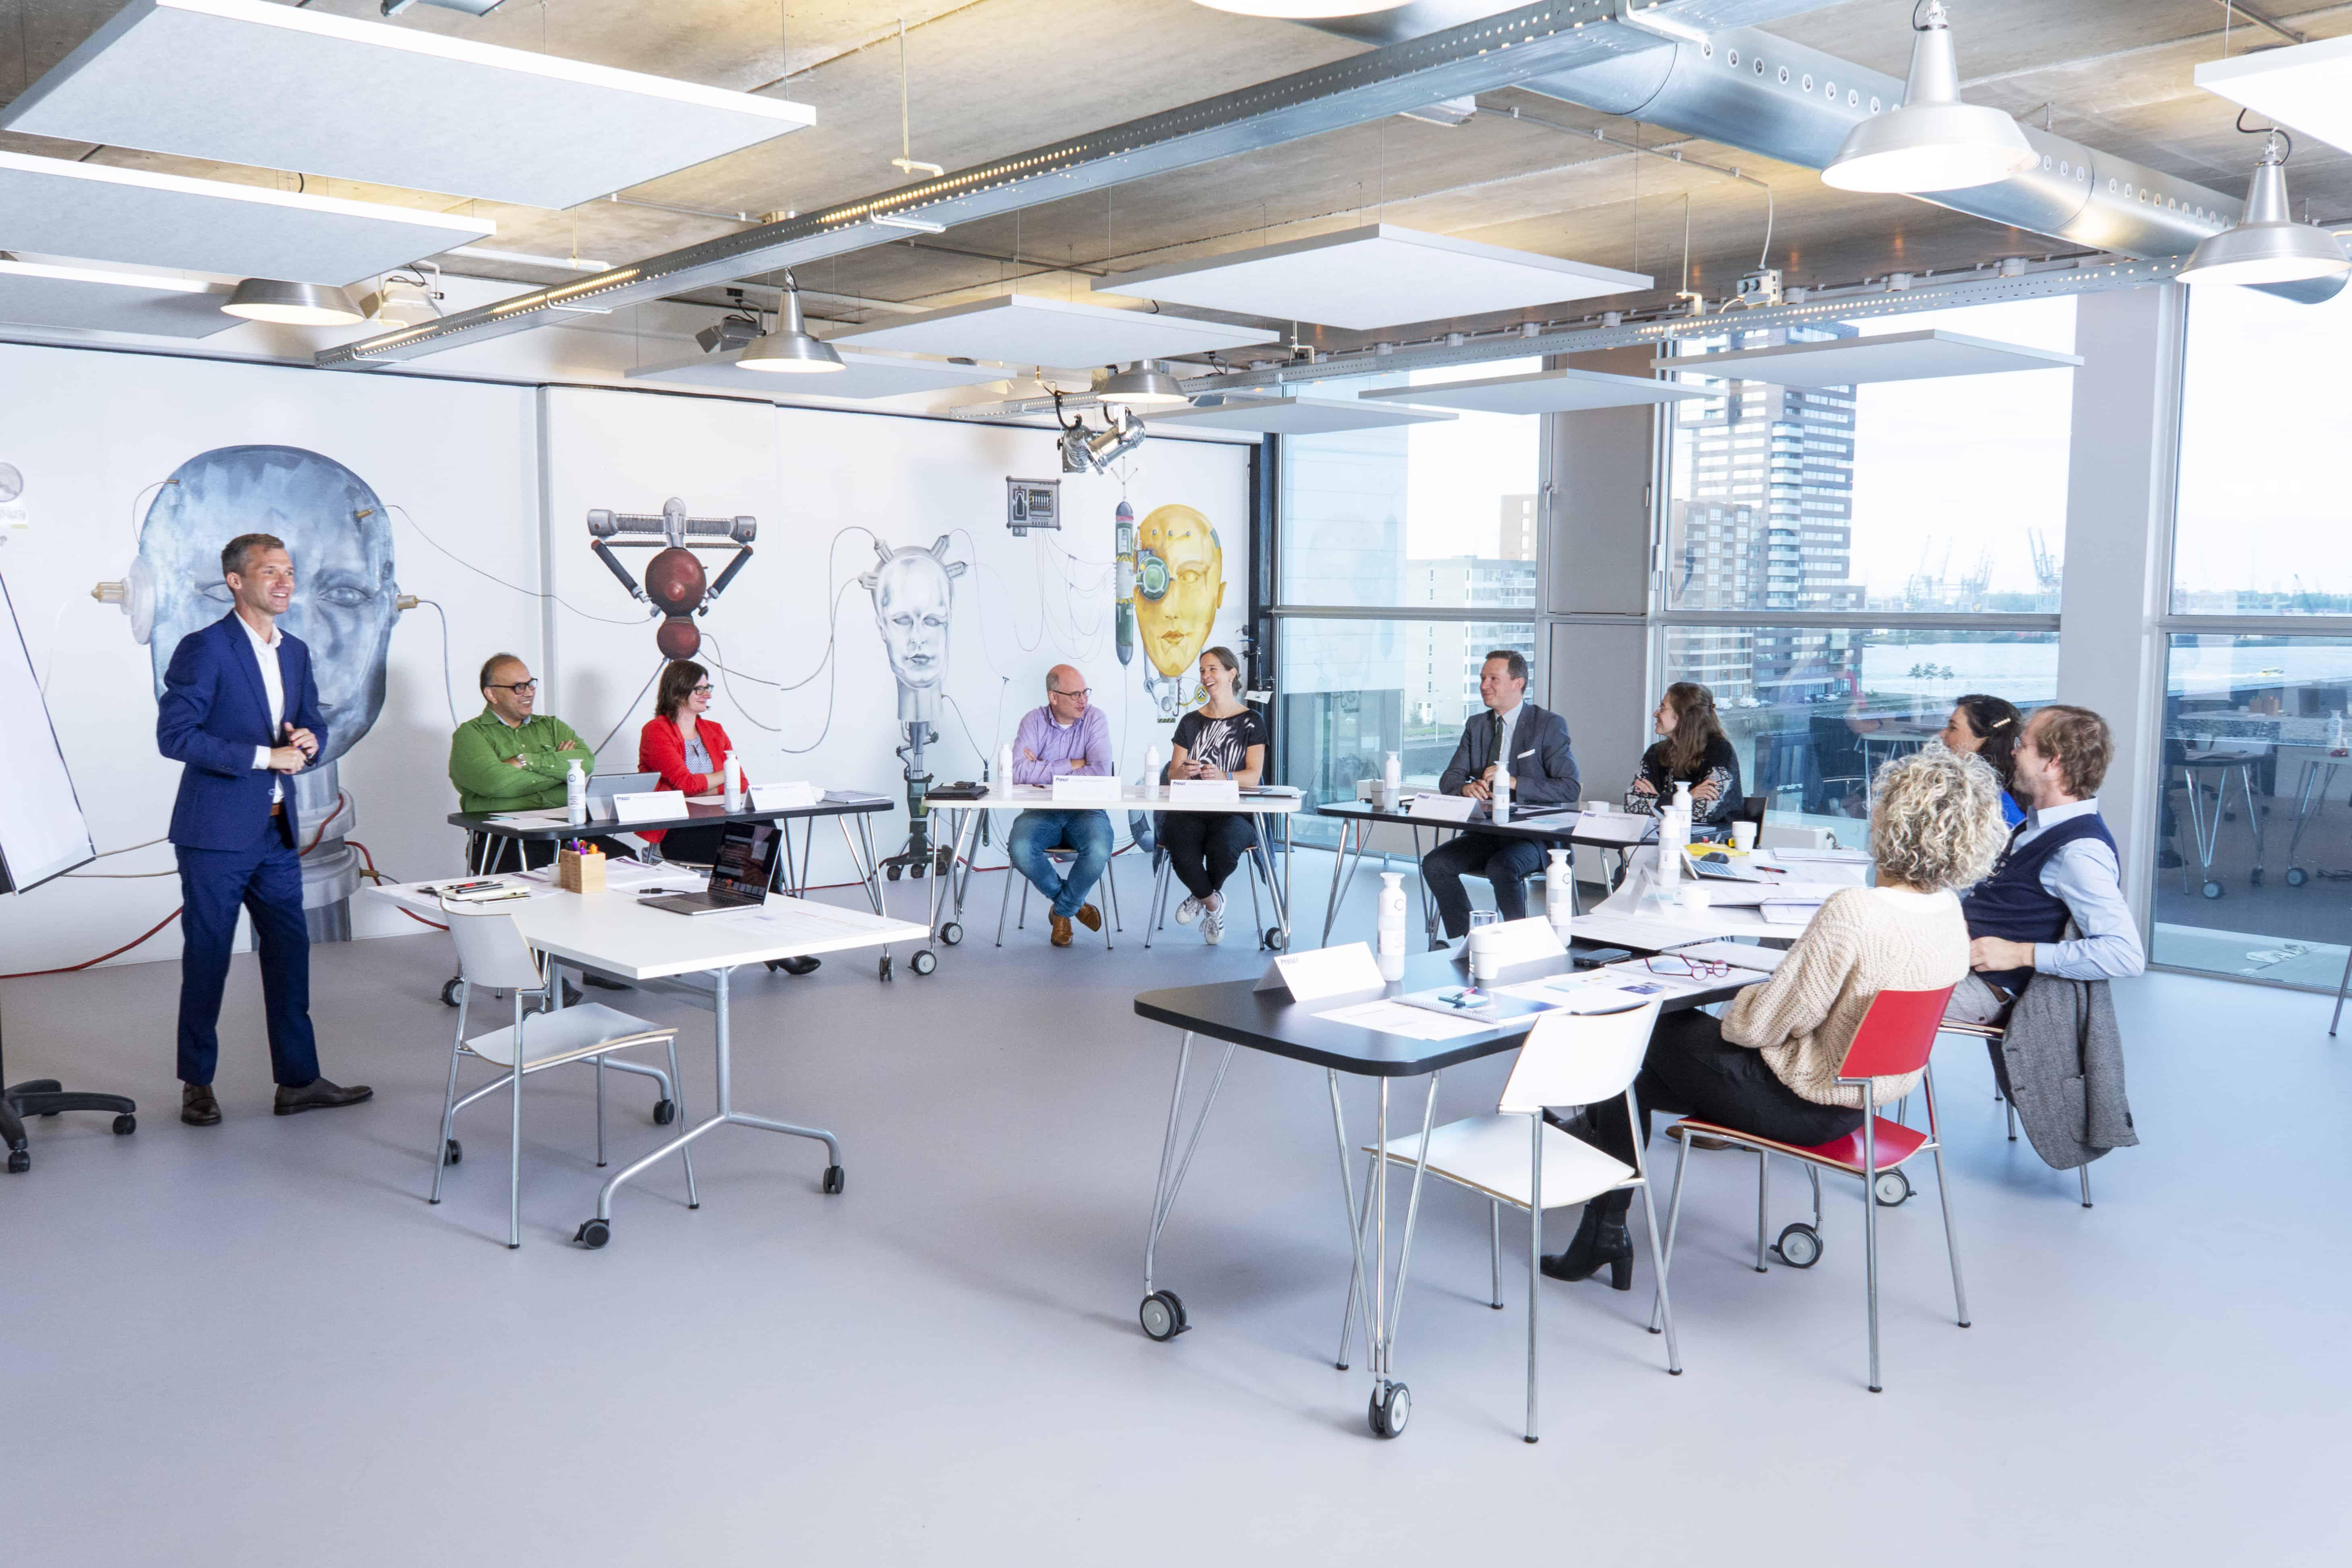 Change Management Employee Orientation